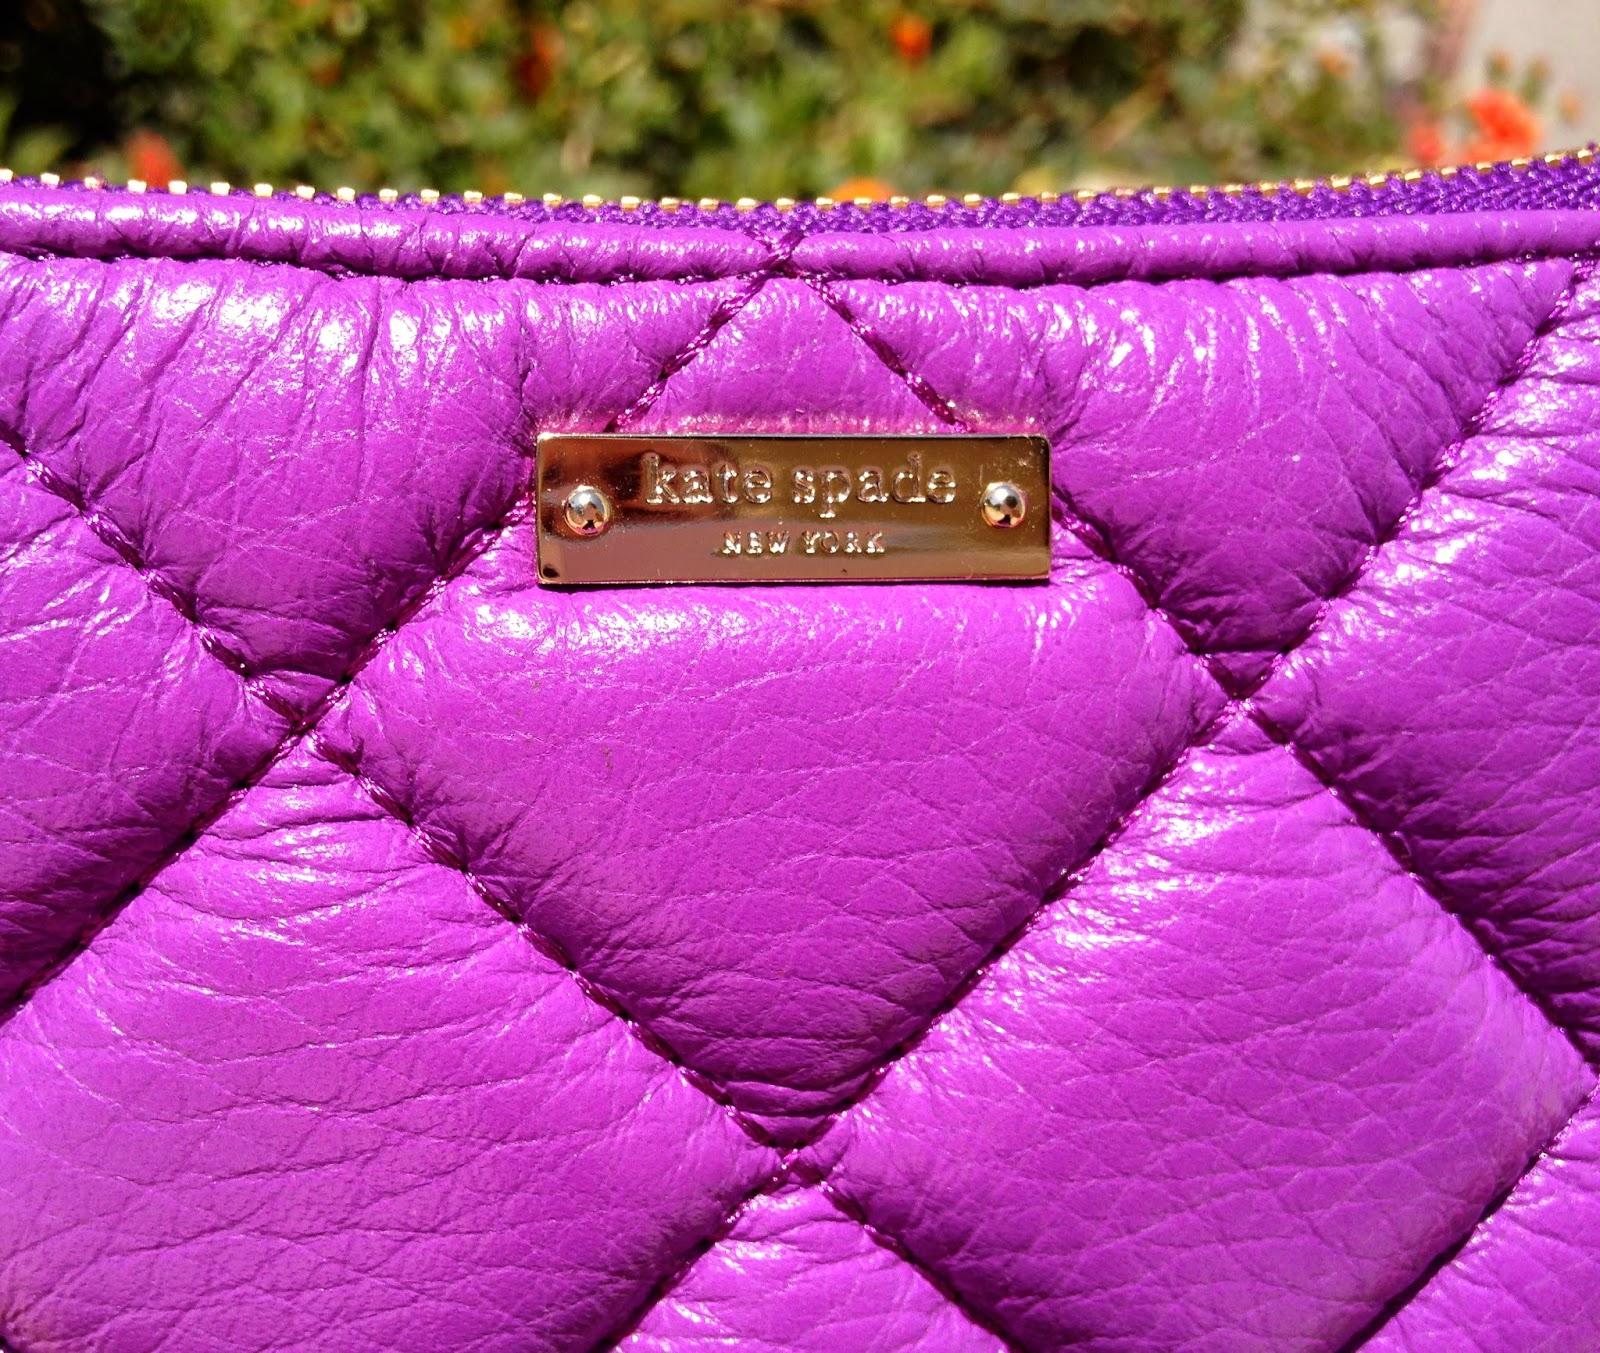 Kate Spade Liberty Street Coin Purse Closeup - Hello, Handbag.JPG